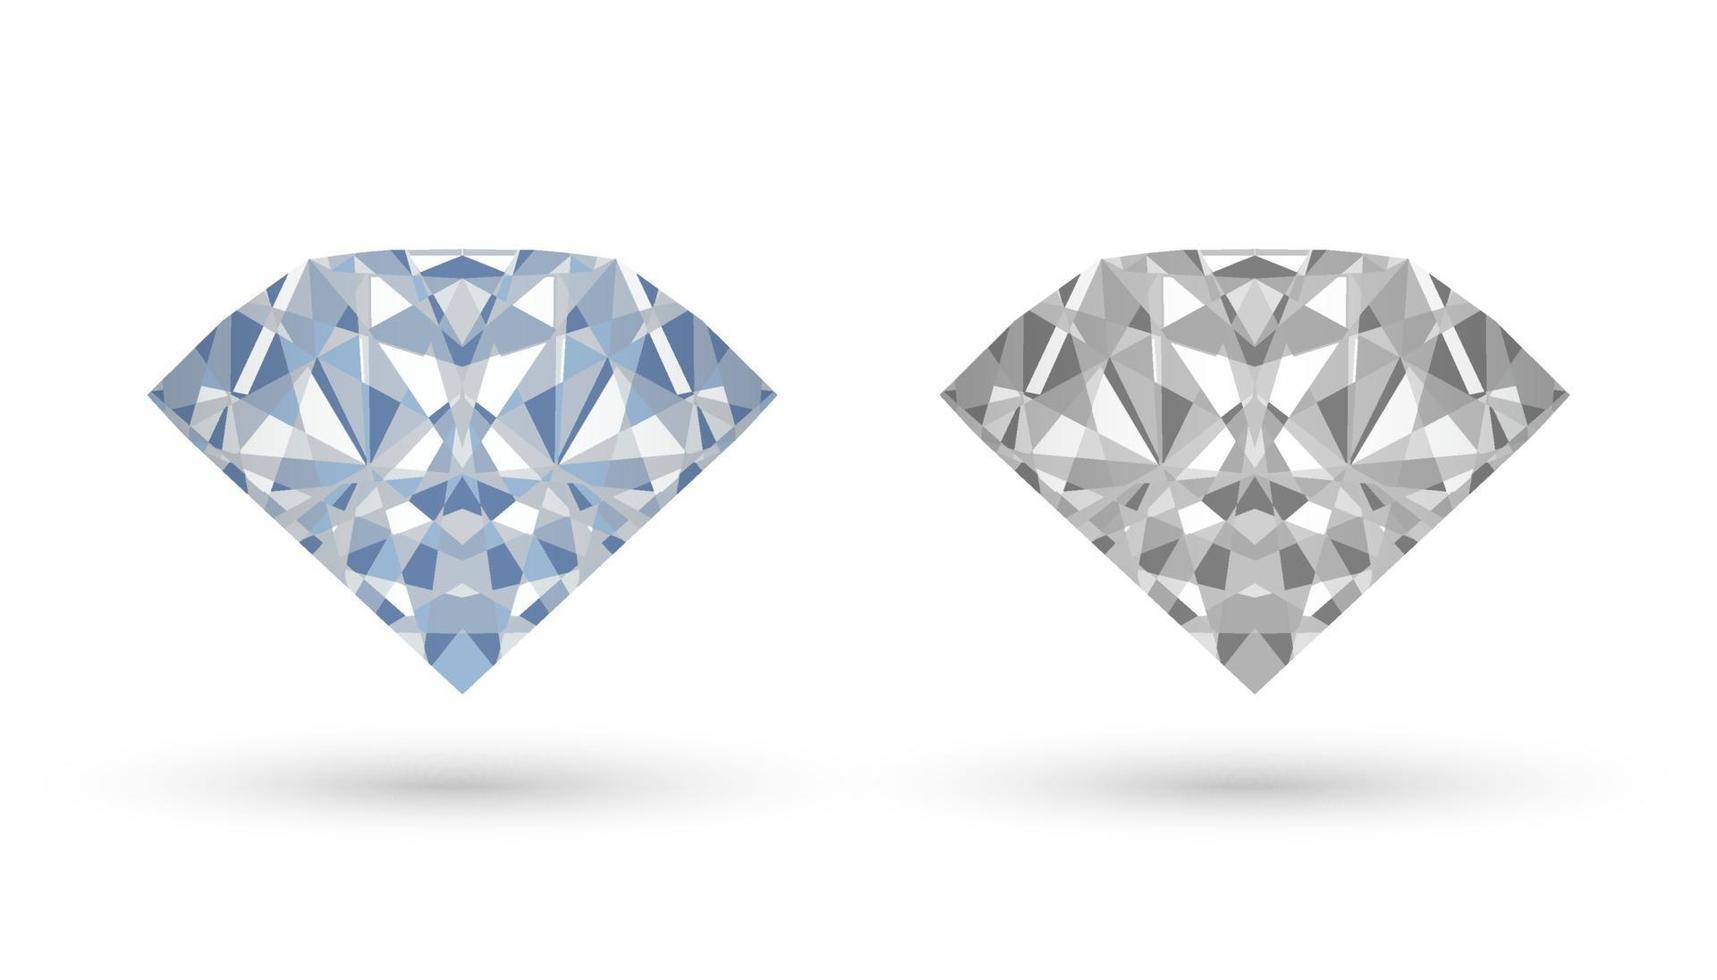 vettore di diamante reale su uno sfondo bianco